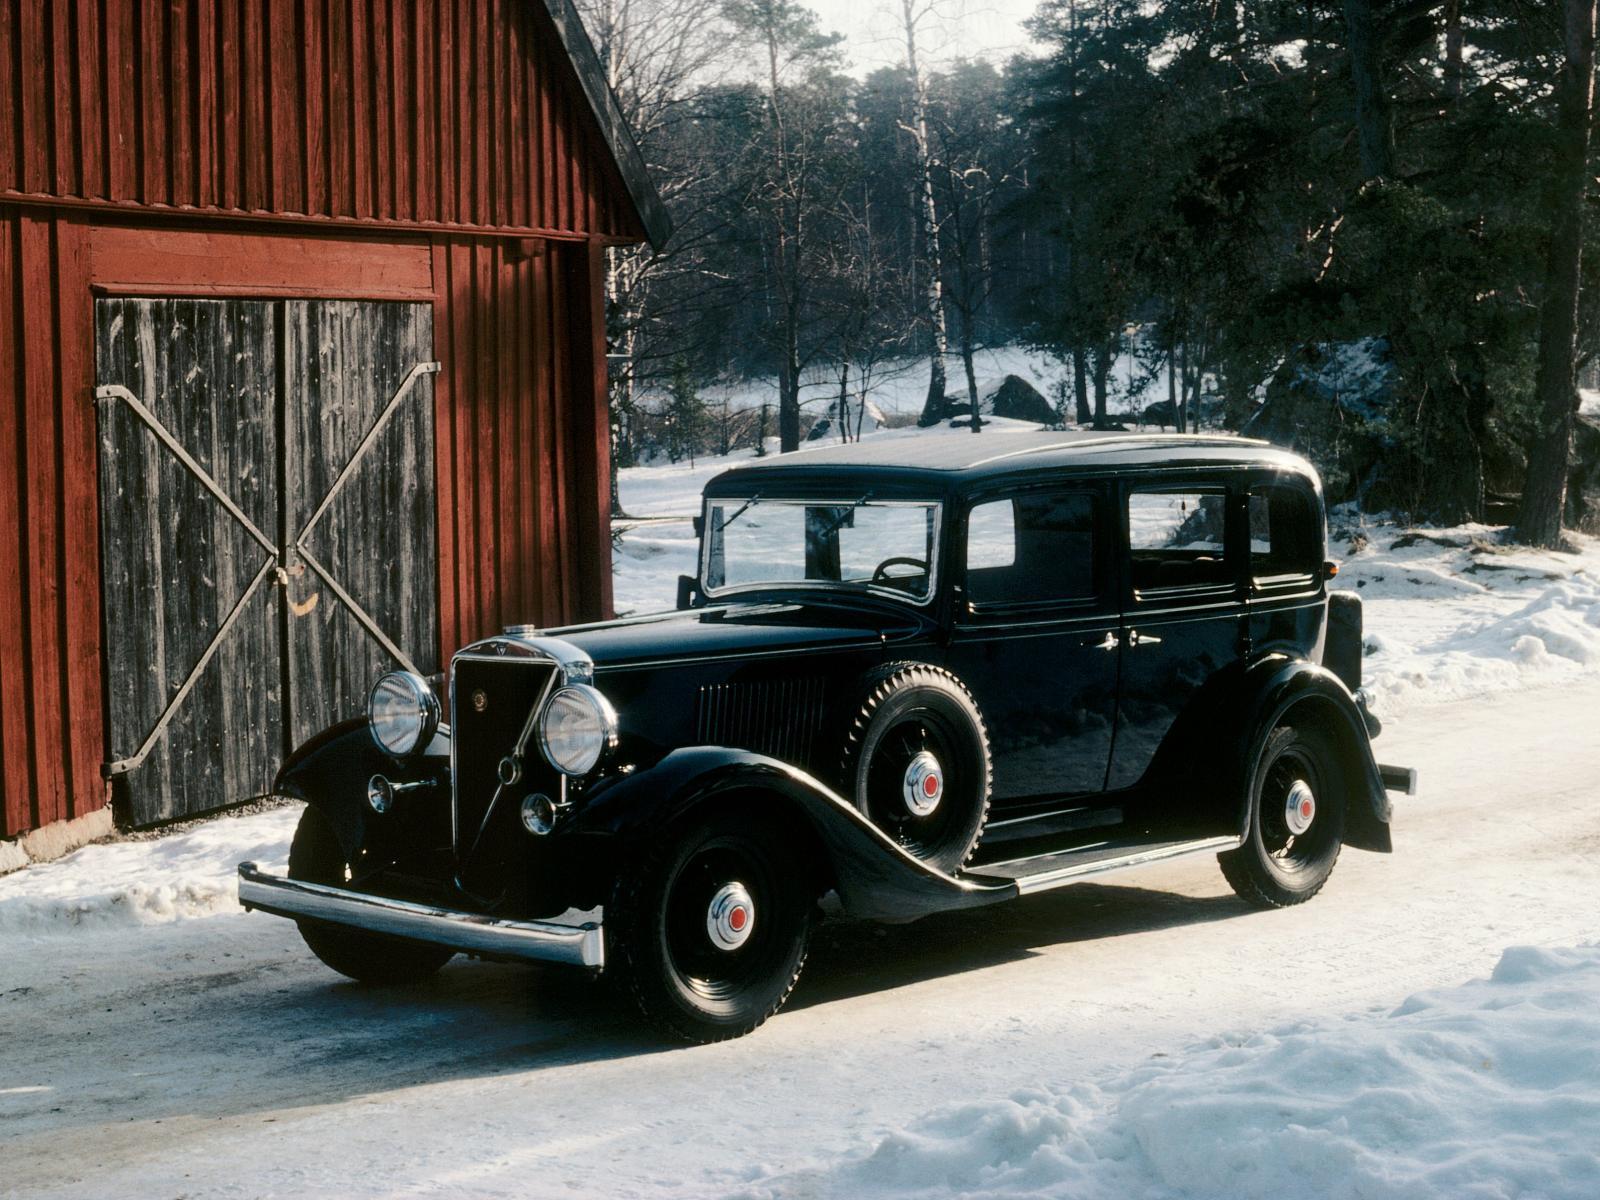 La saga PV introdujo importantes novedades técnicas y de confort, además de los motores de seis cilindros que Volvo empezó a utilizar con potencias de entre 65 a 84 CV.